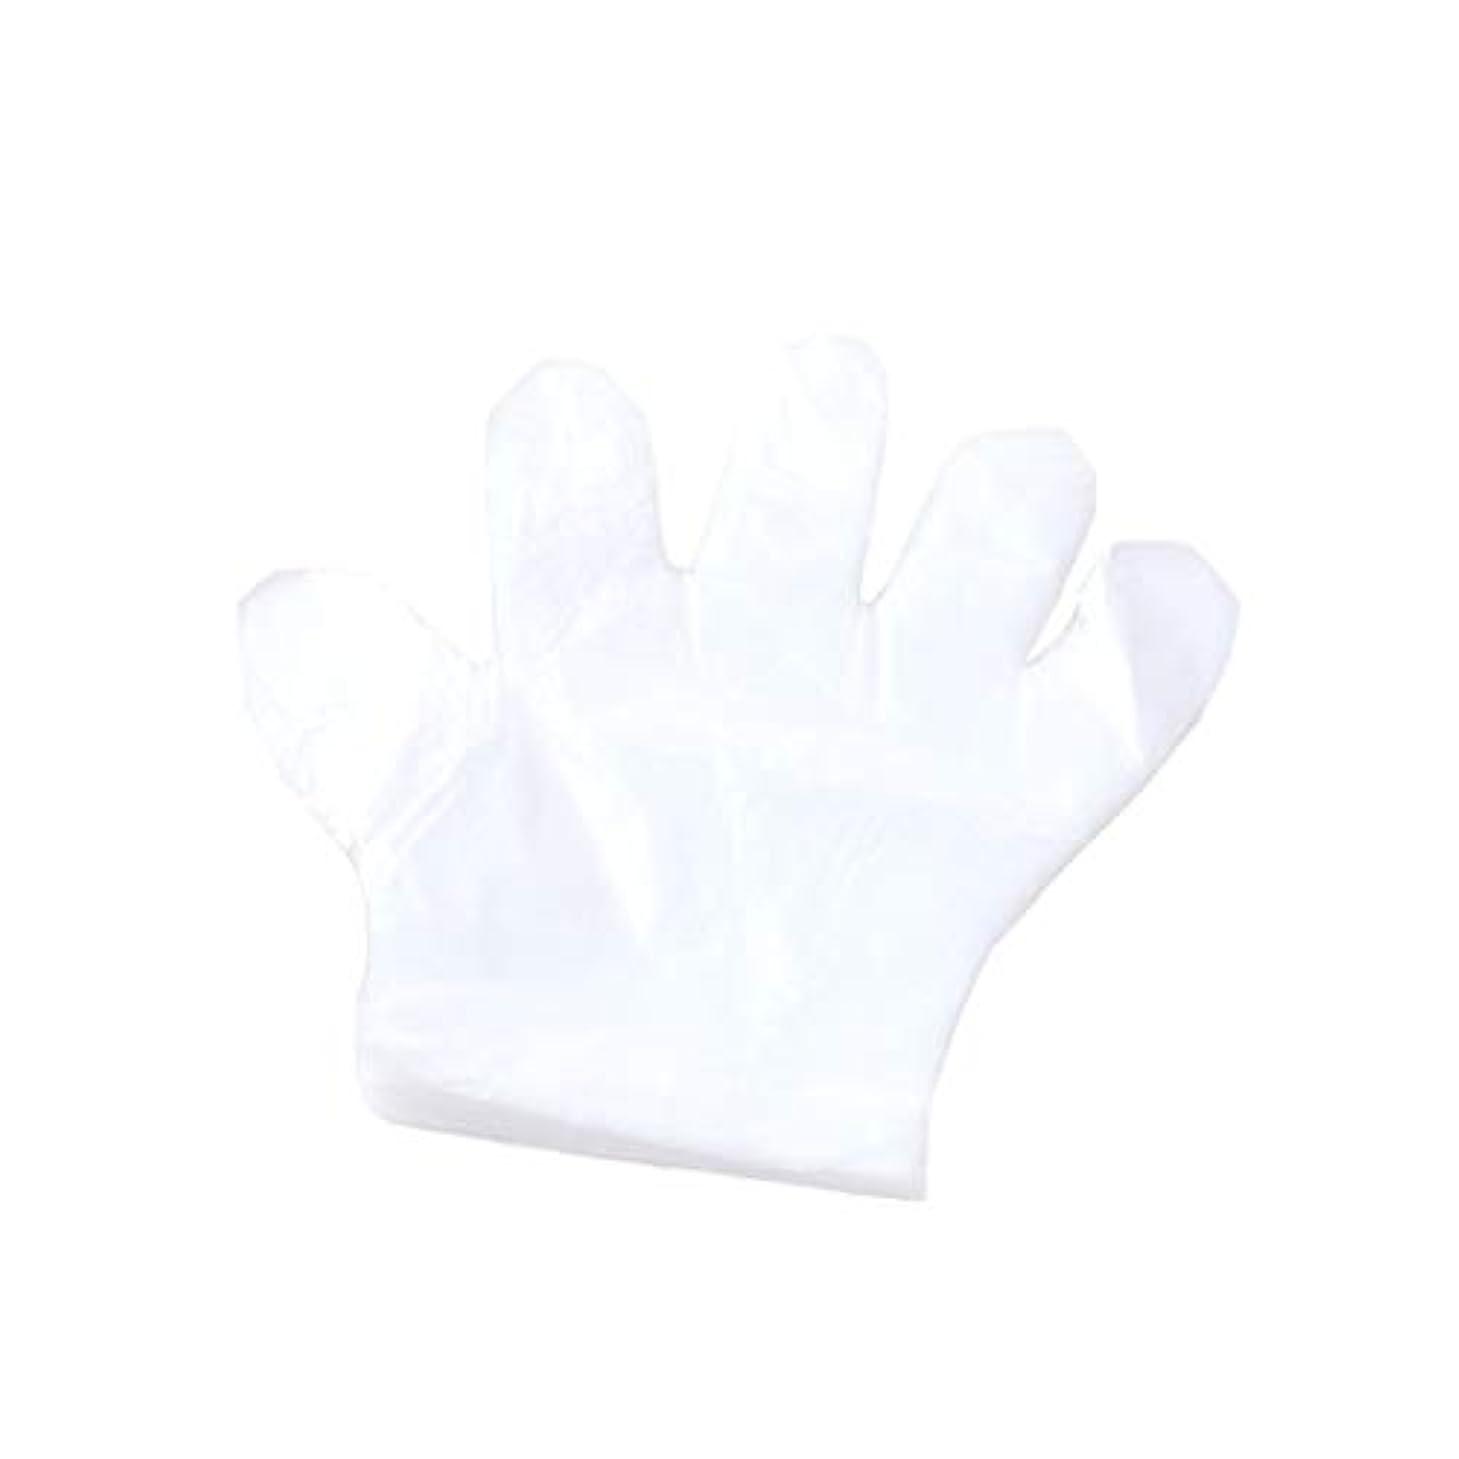 ソフトウェアサリー弱める手袋、使い捨て手袋、プラスチック透明な使い捨て手袋、衛生的な食品、100スーツ。 (UnitCount : 2000only)